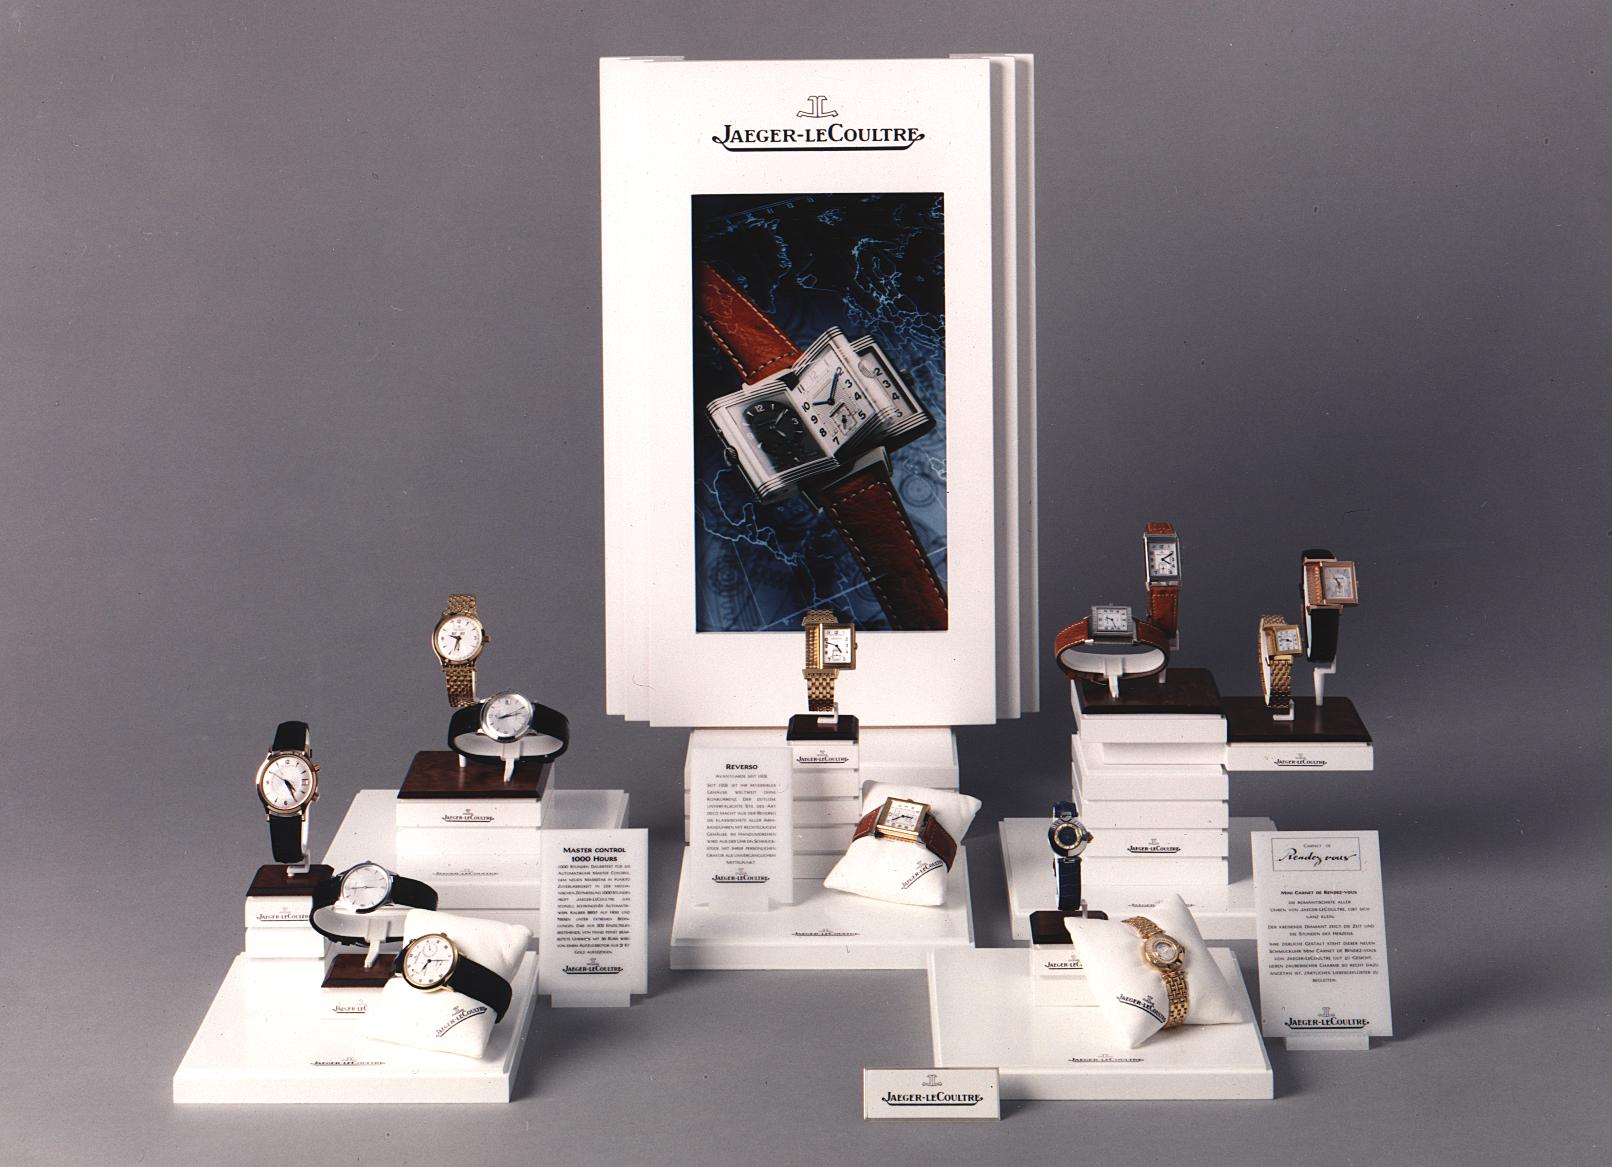 Jaeger-LeCoultre, 1er job après l'école de design. Notre première création horlogère fut ce présentoir modulable.